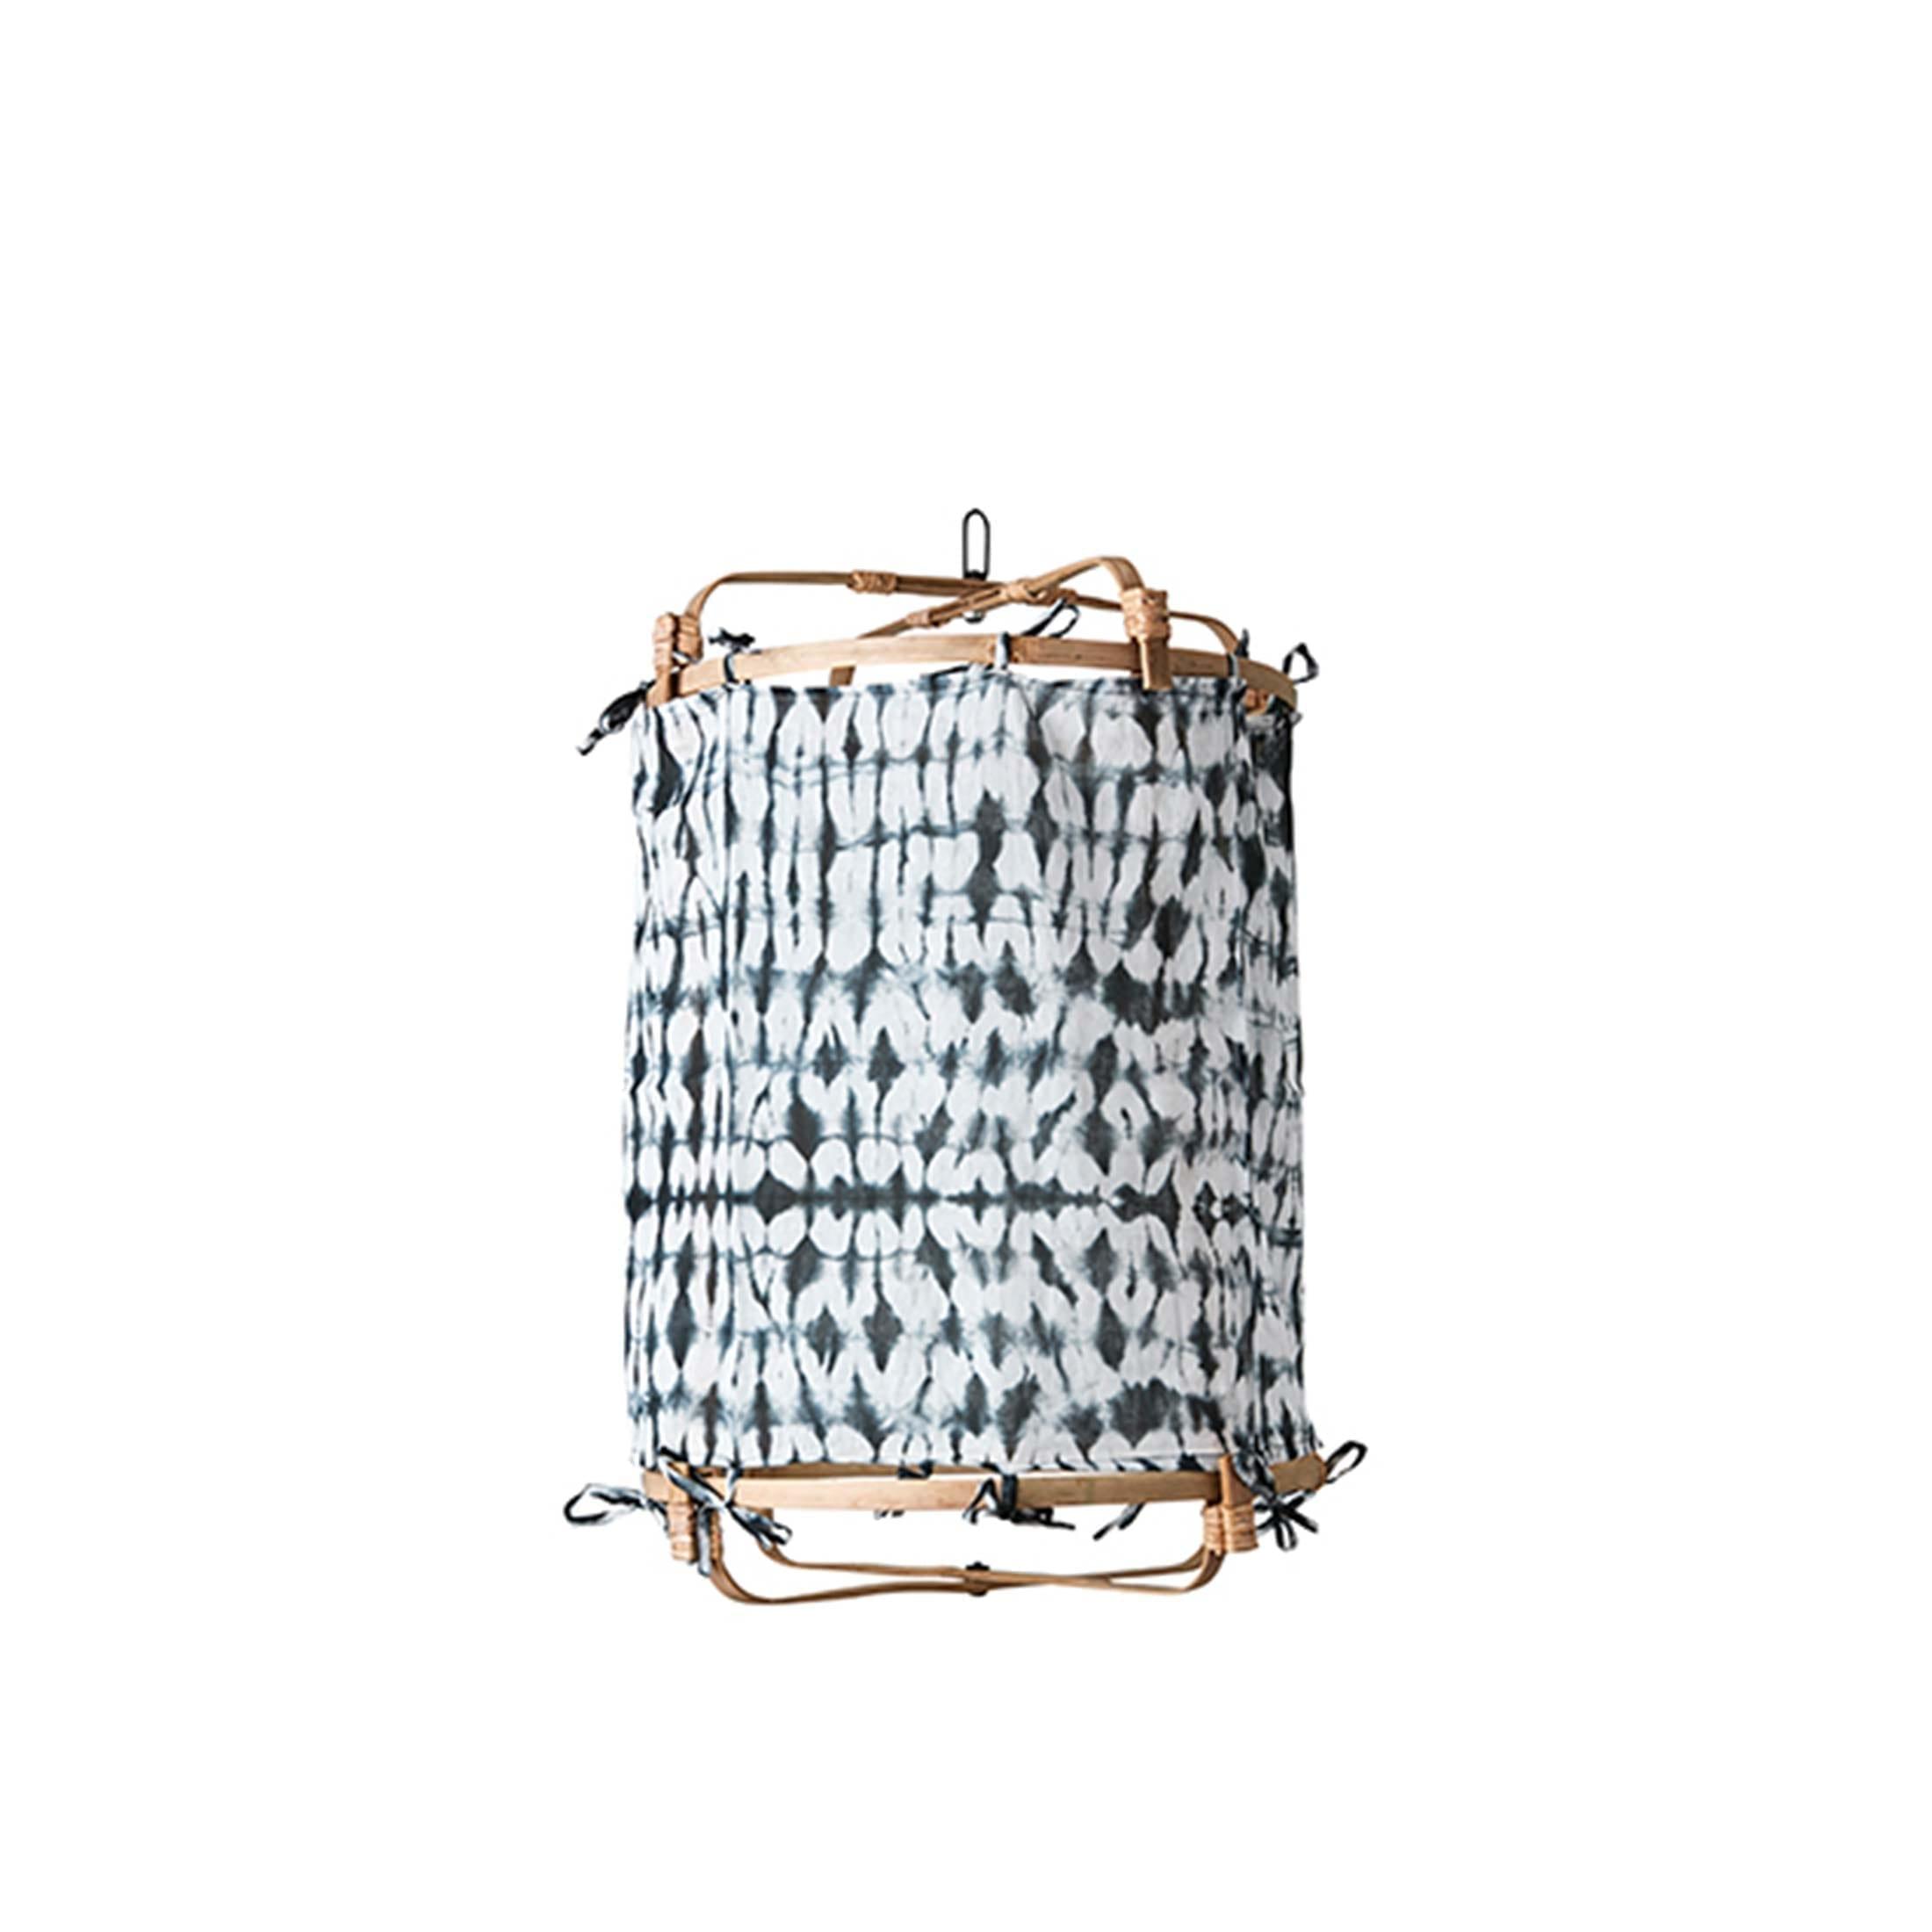 Lampenschirm aus Leinen Small und Naturmaterial Bambus für die Beleuchtung im Bohemian Style. Die Lampe passt über den Esstisch und in das Schlafzimmer